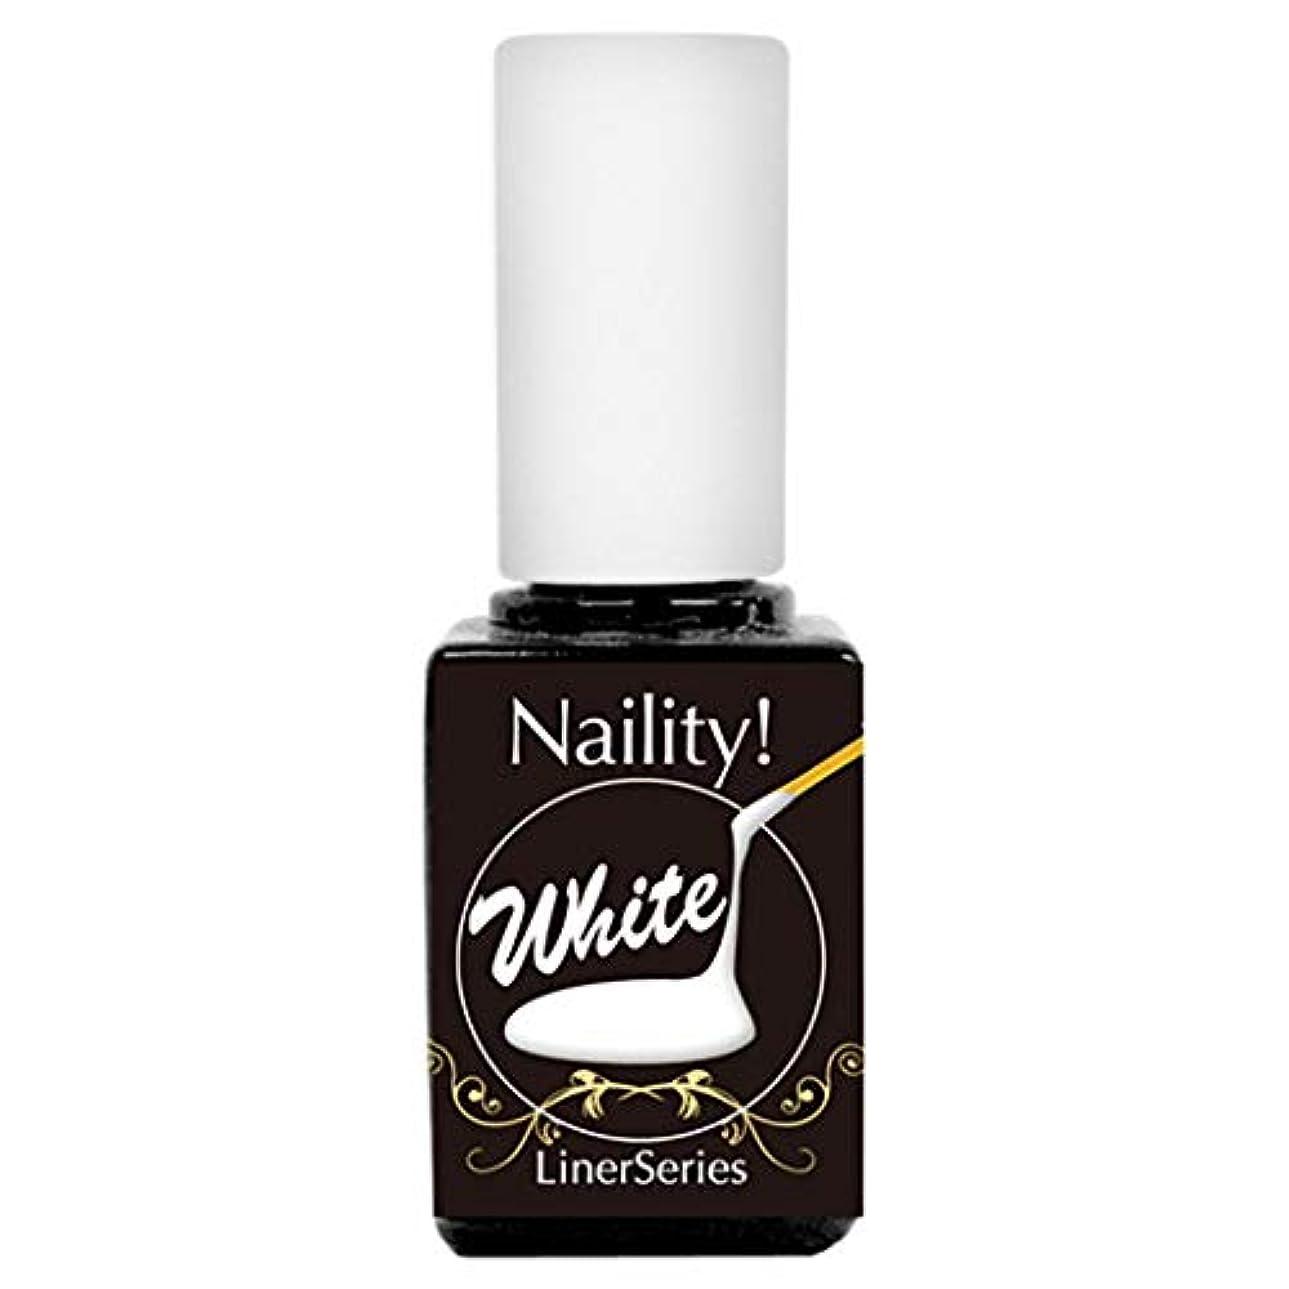 Naility!ステップレスジェル L10 ライナーホワイト 7g (高粘度)